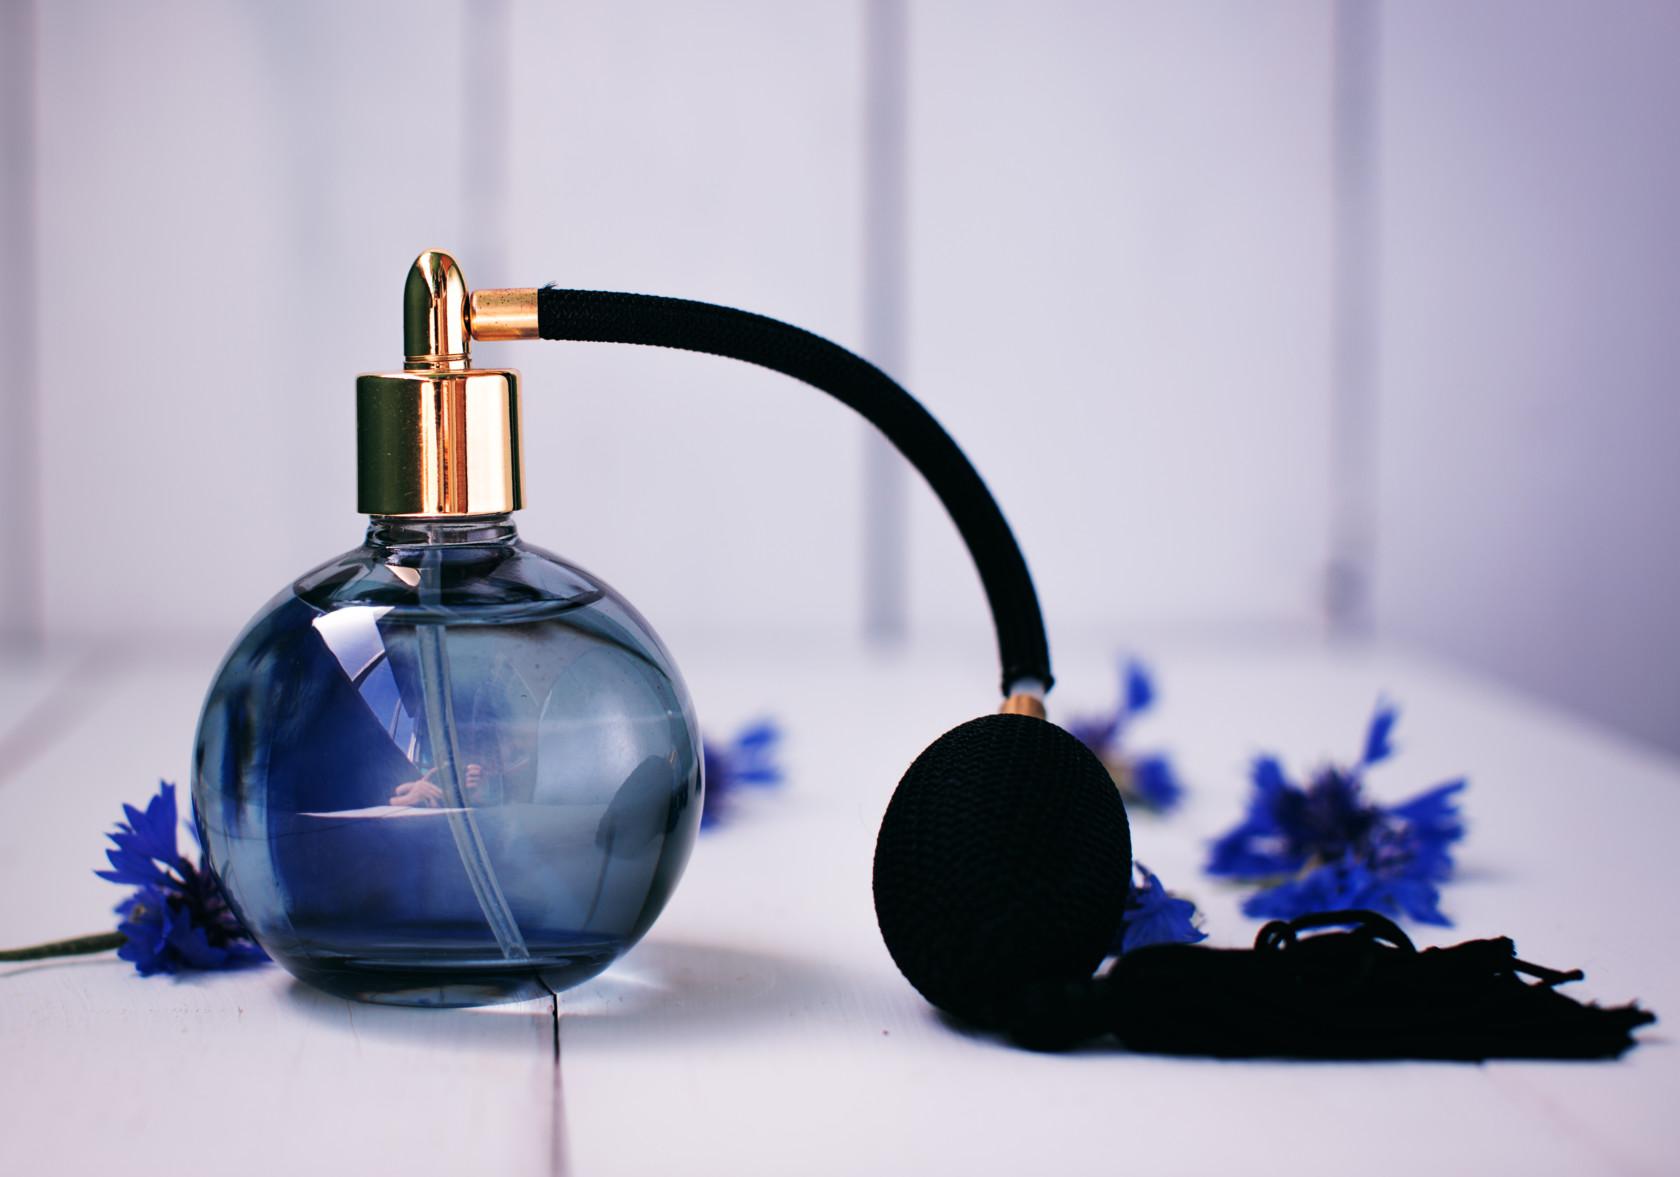 die parfum box standard damen orientalisch barluxe. Black Bedroom Furniture Sets. Home Design Ideas